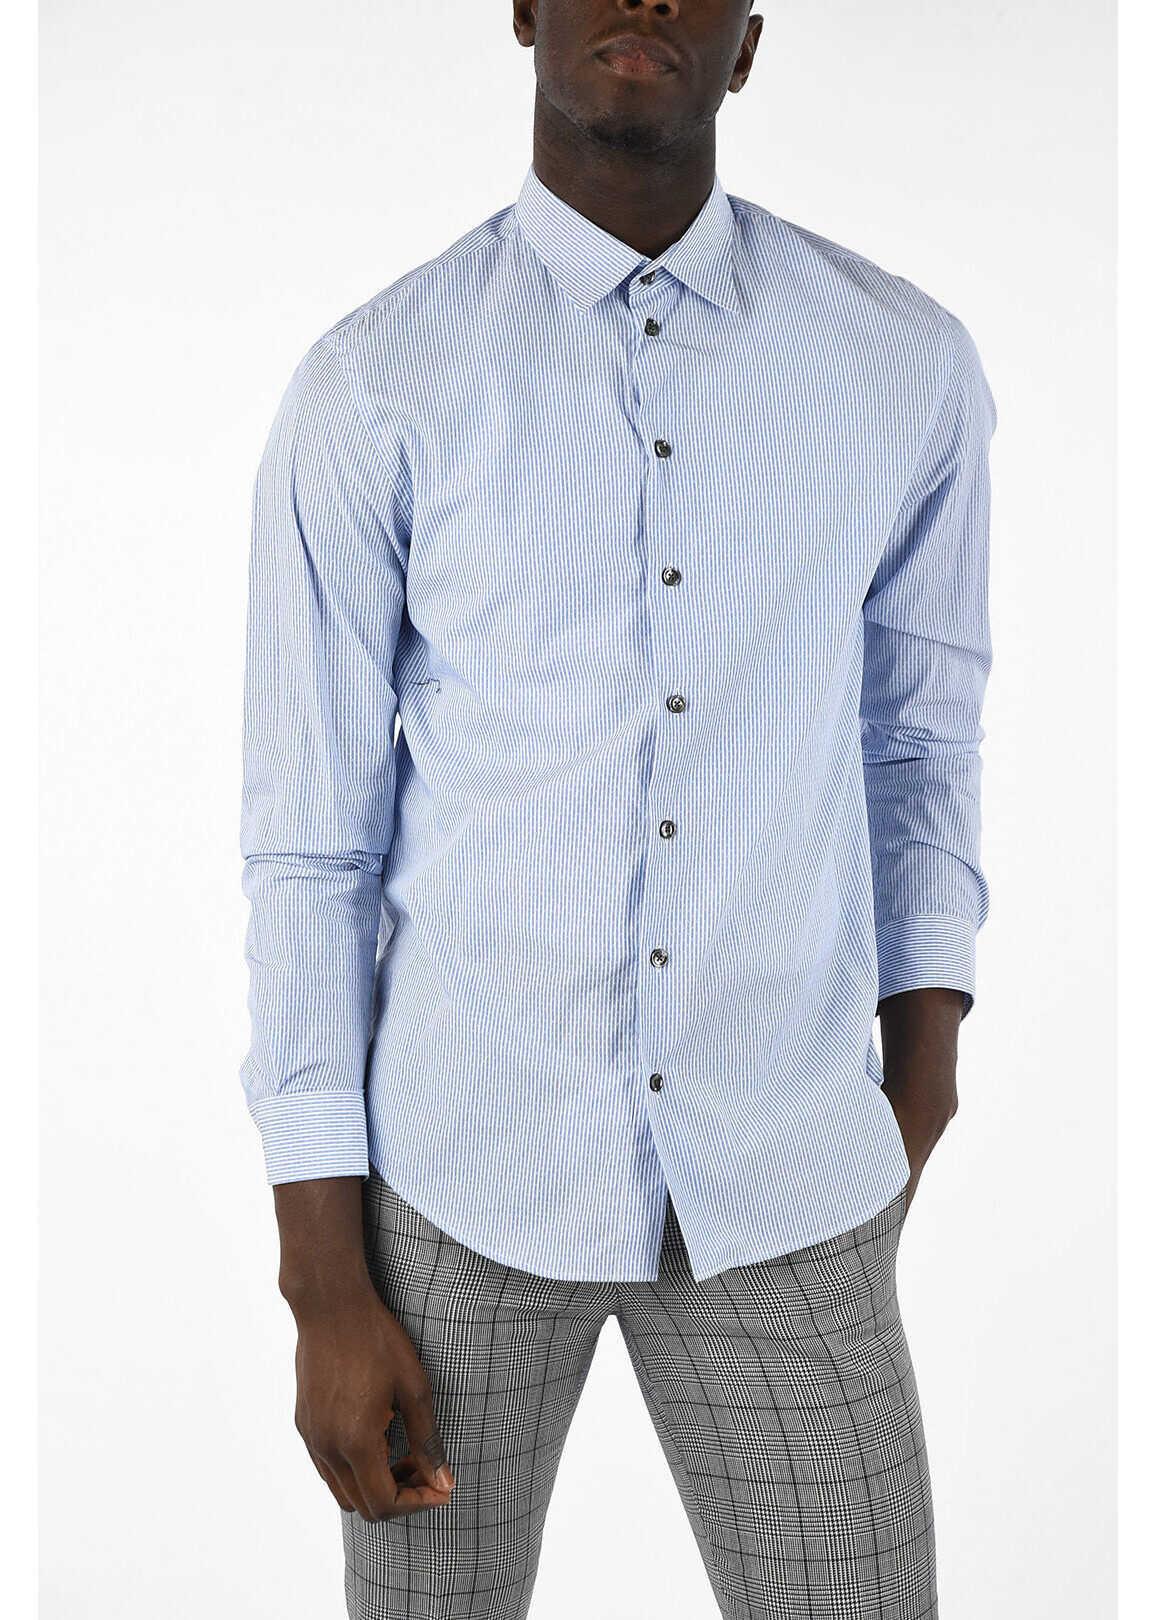 Armani COLLEZIONI Striped Shirt WHITE